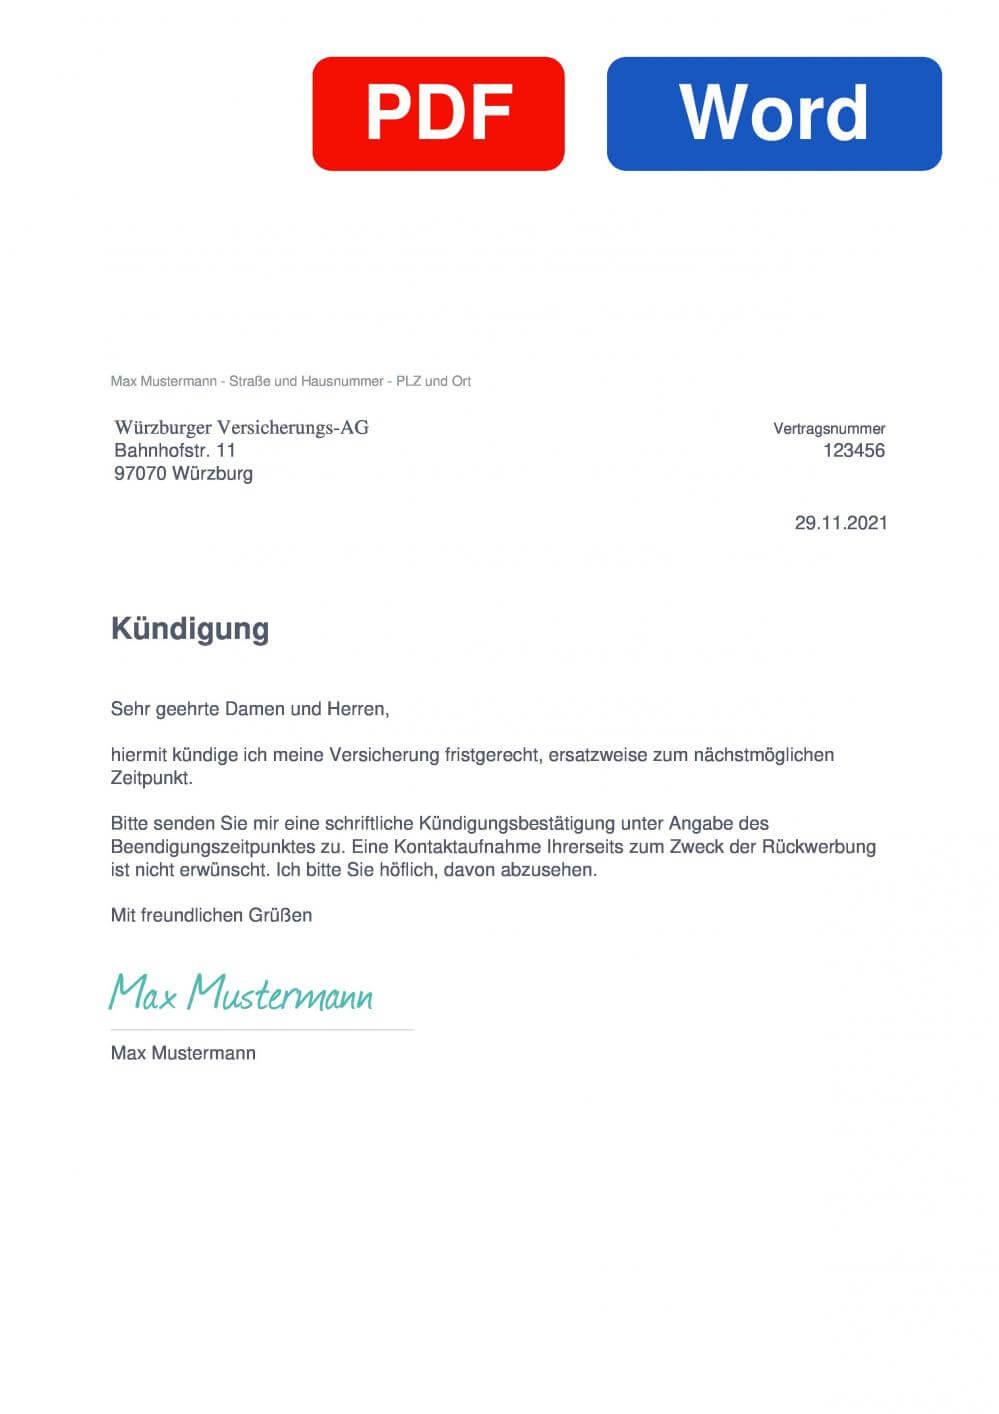 Würzburger Versicherung Muster Vorlage für Kündigungsschreiben